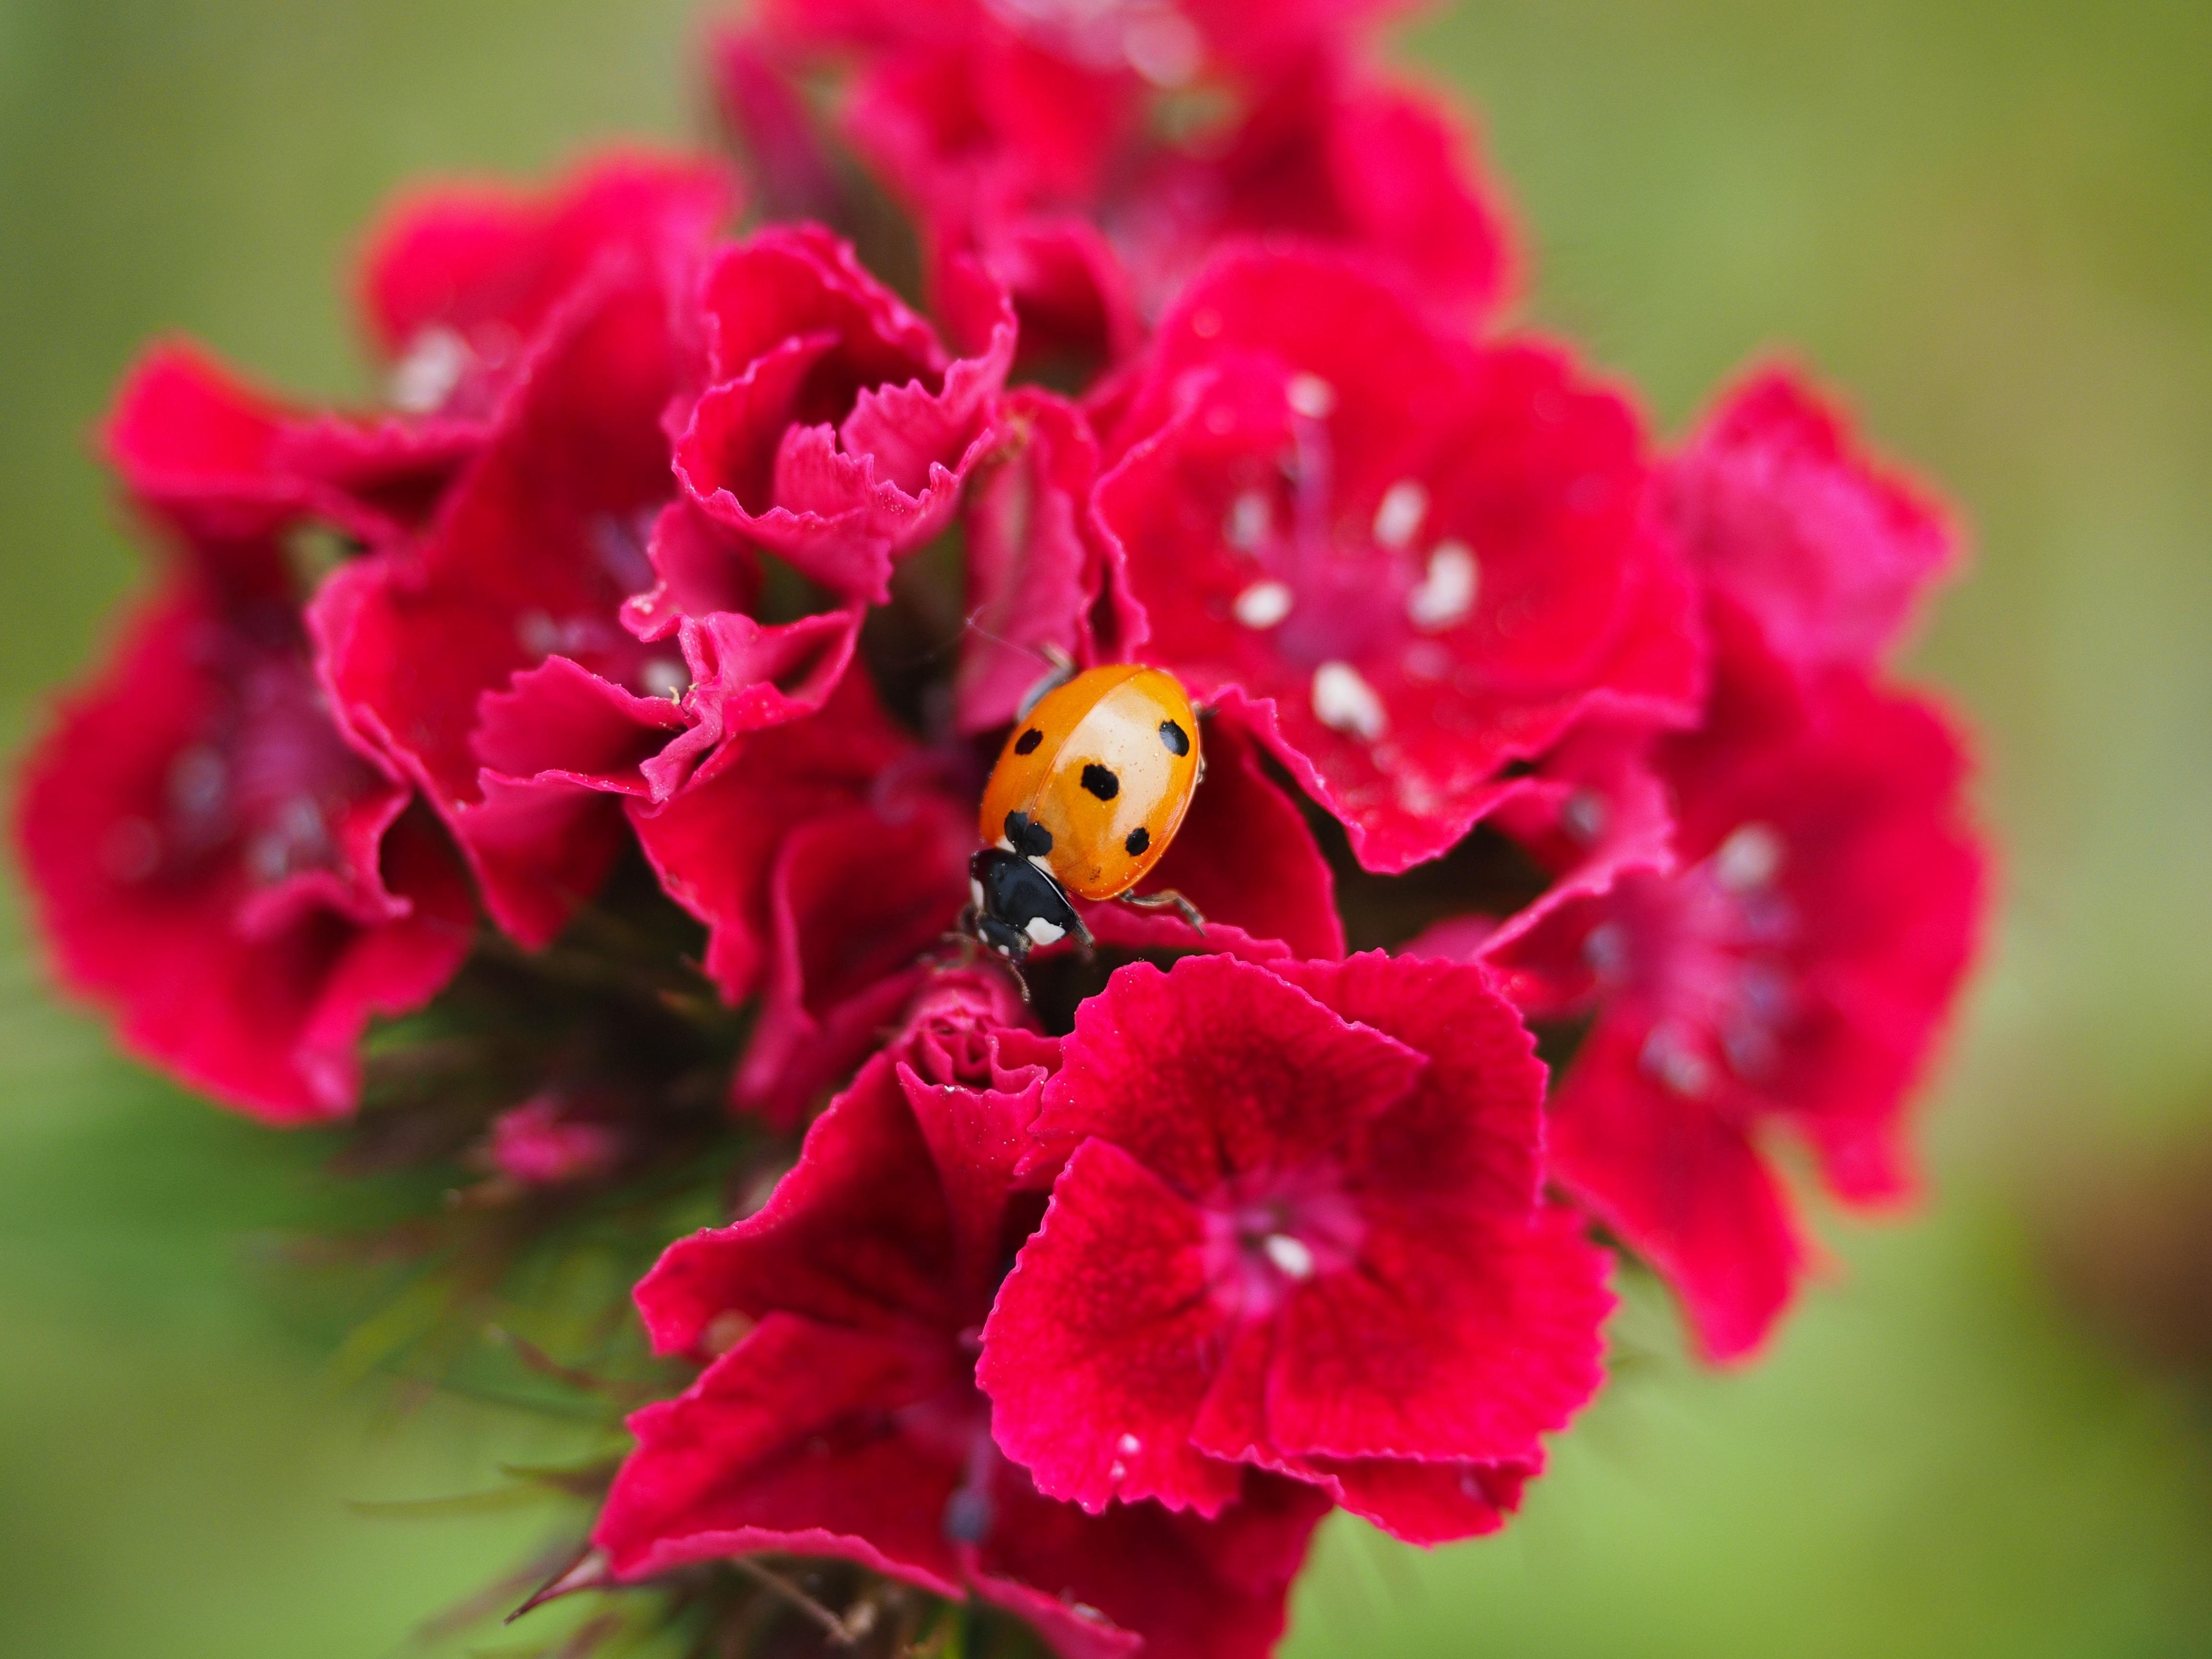 images gratuites : fleur, la photographie, pétale, floraison